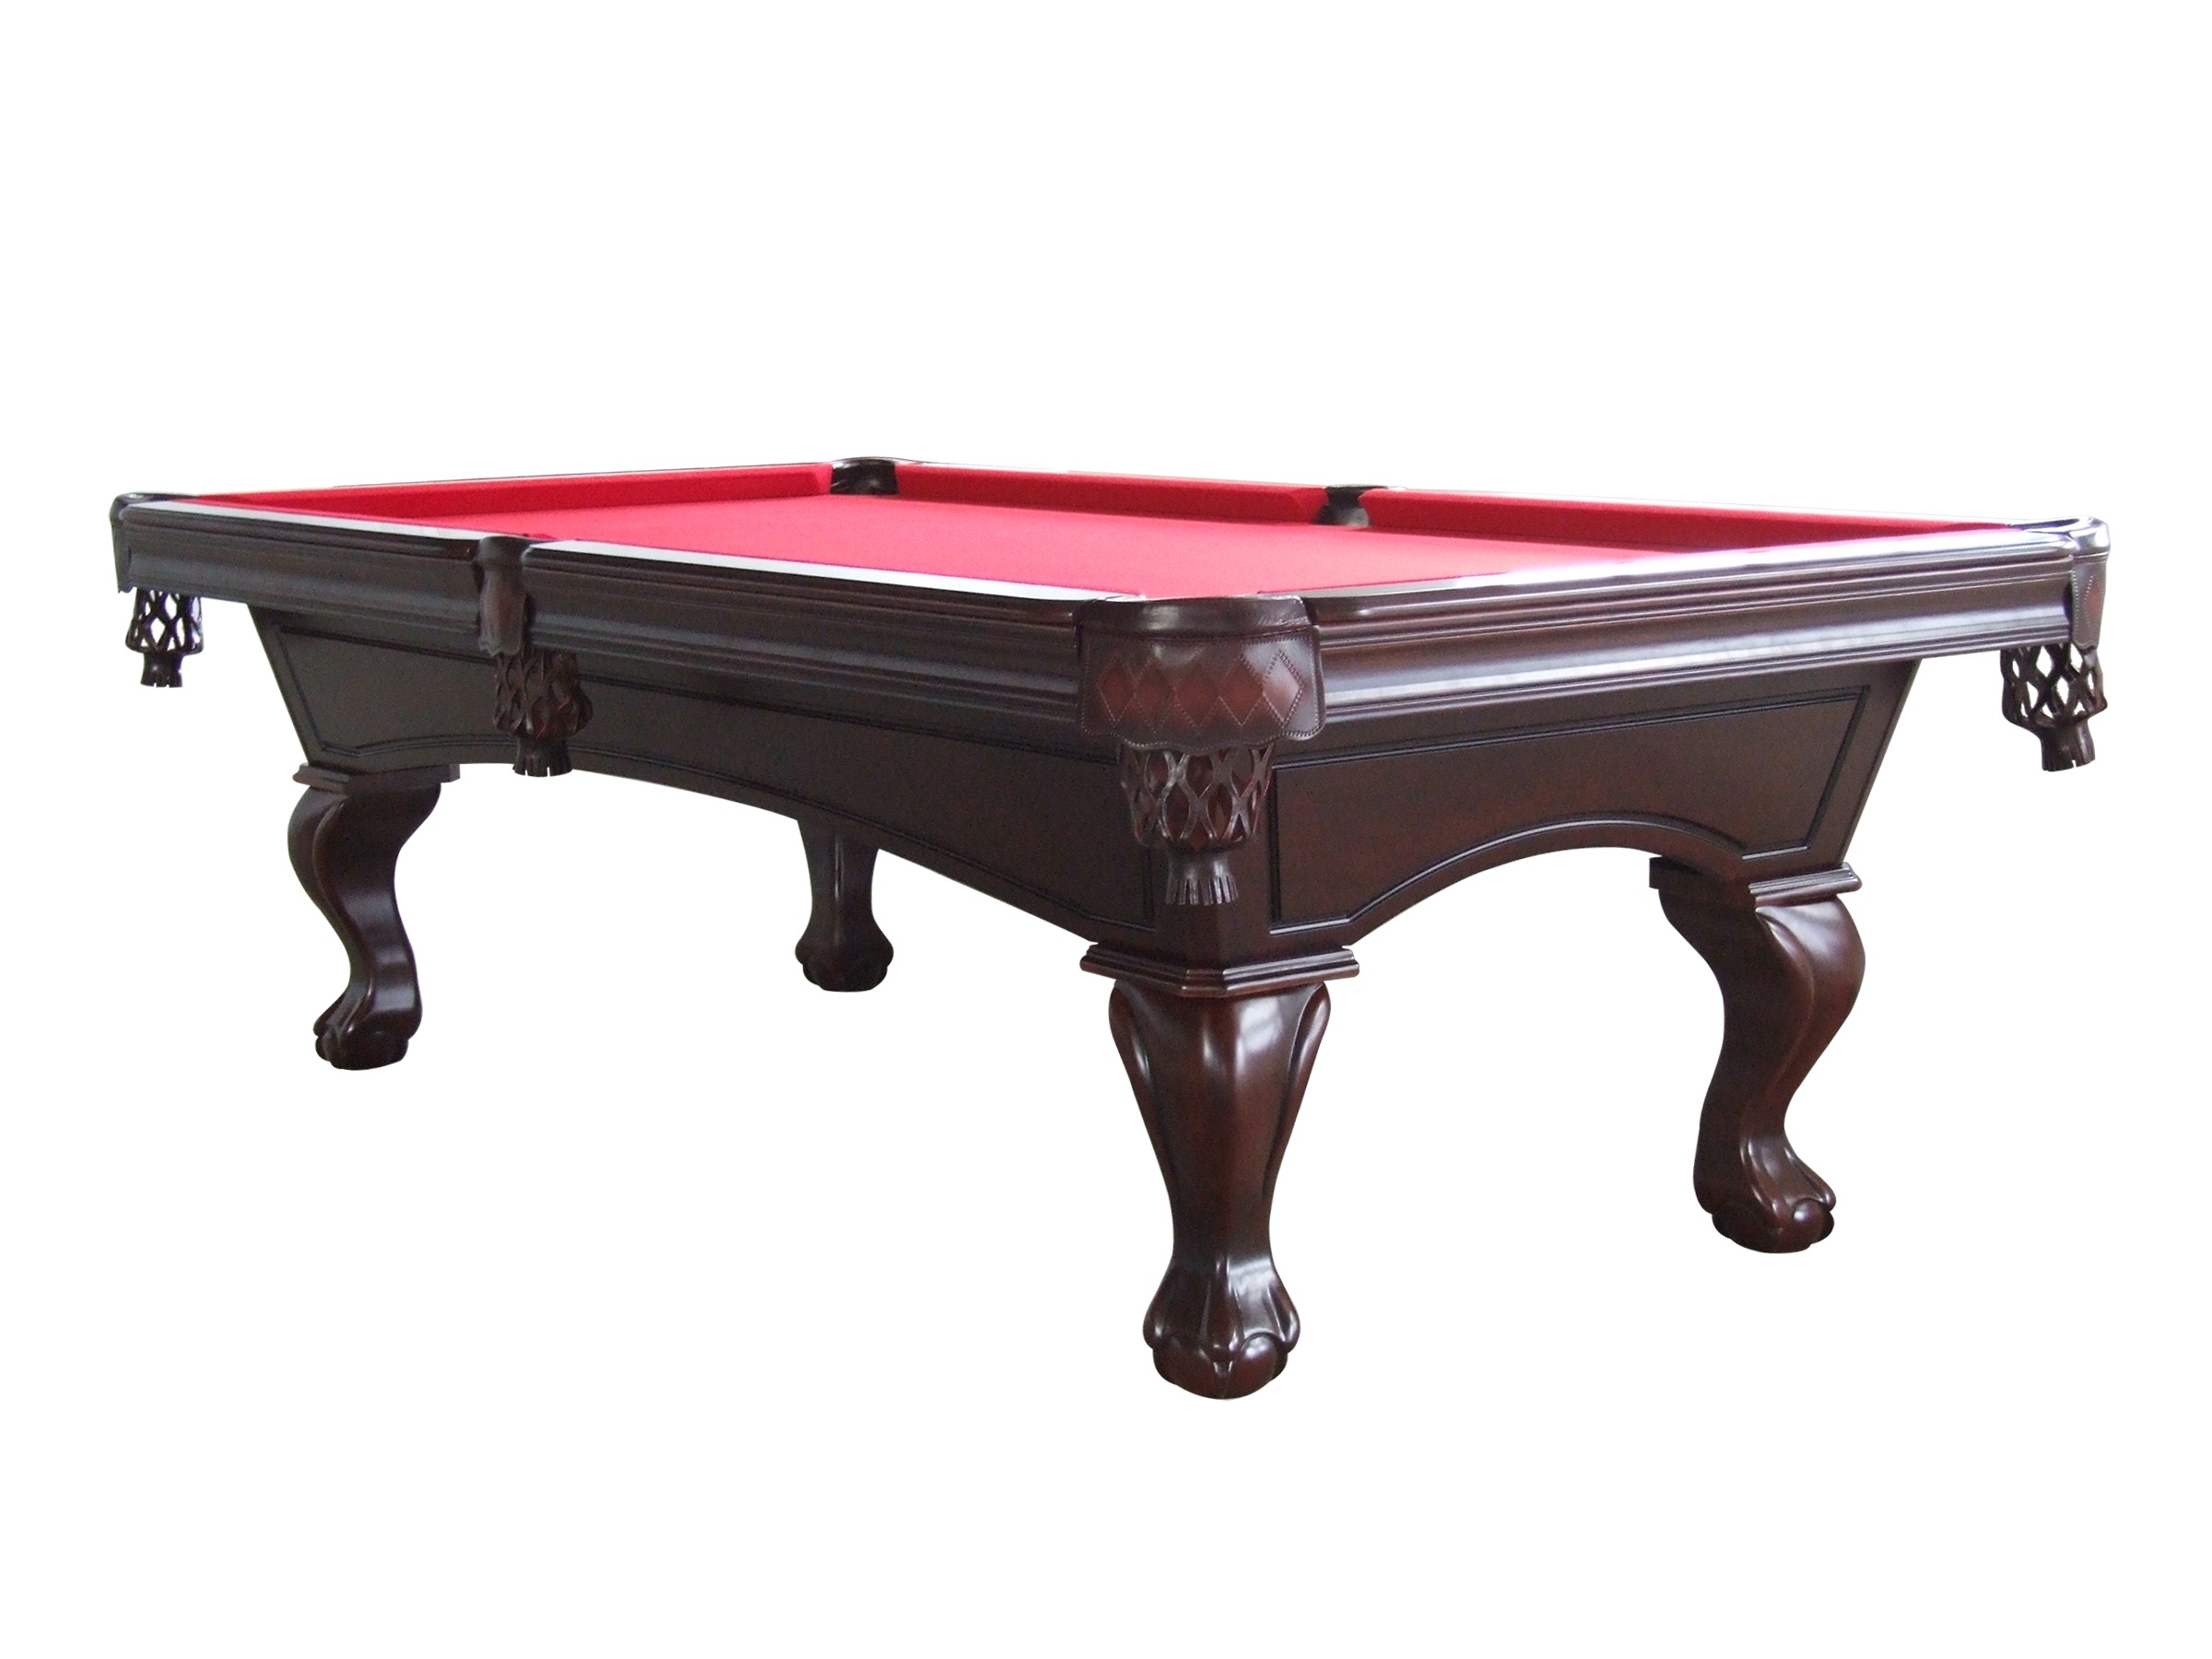 Vintage slate pool table